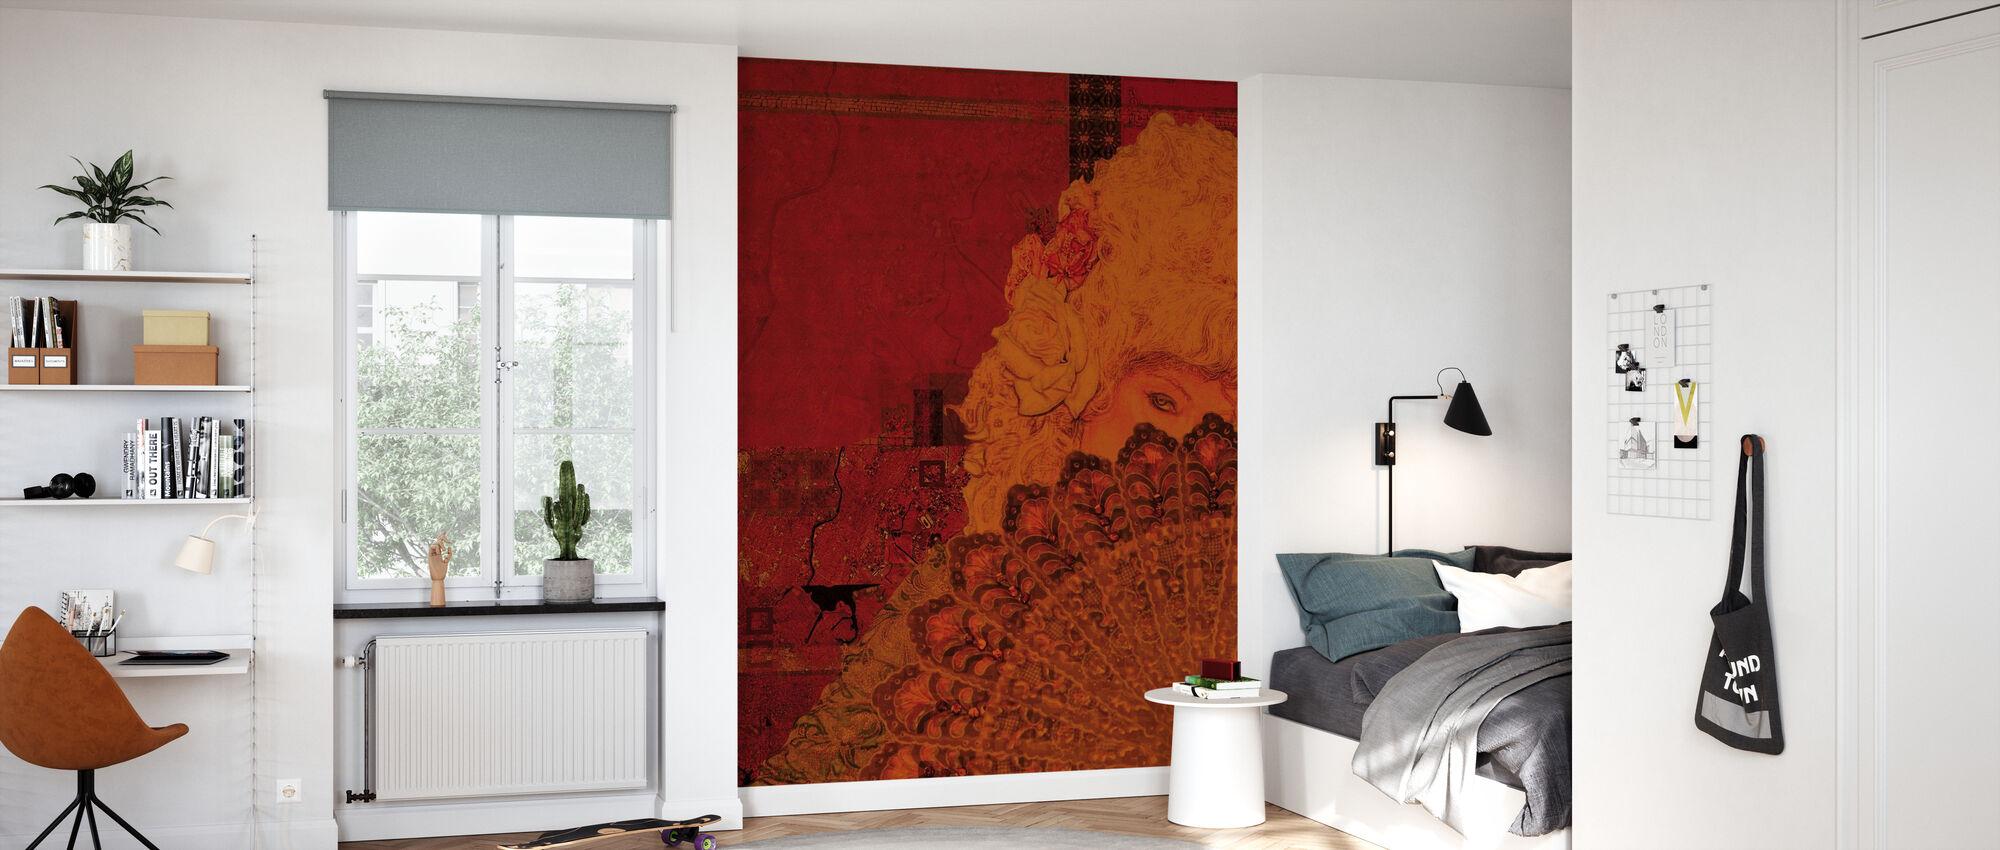 Marie Antoinettte - Wallpaper - Kids Room